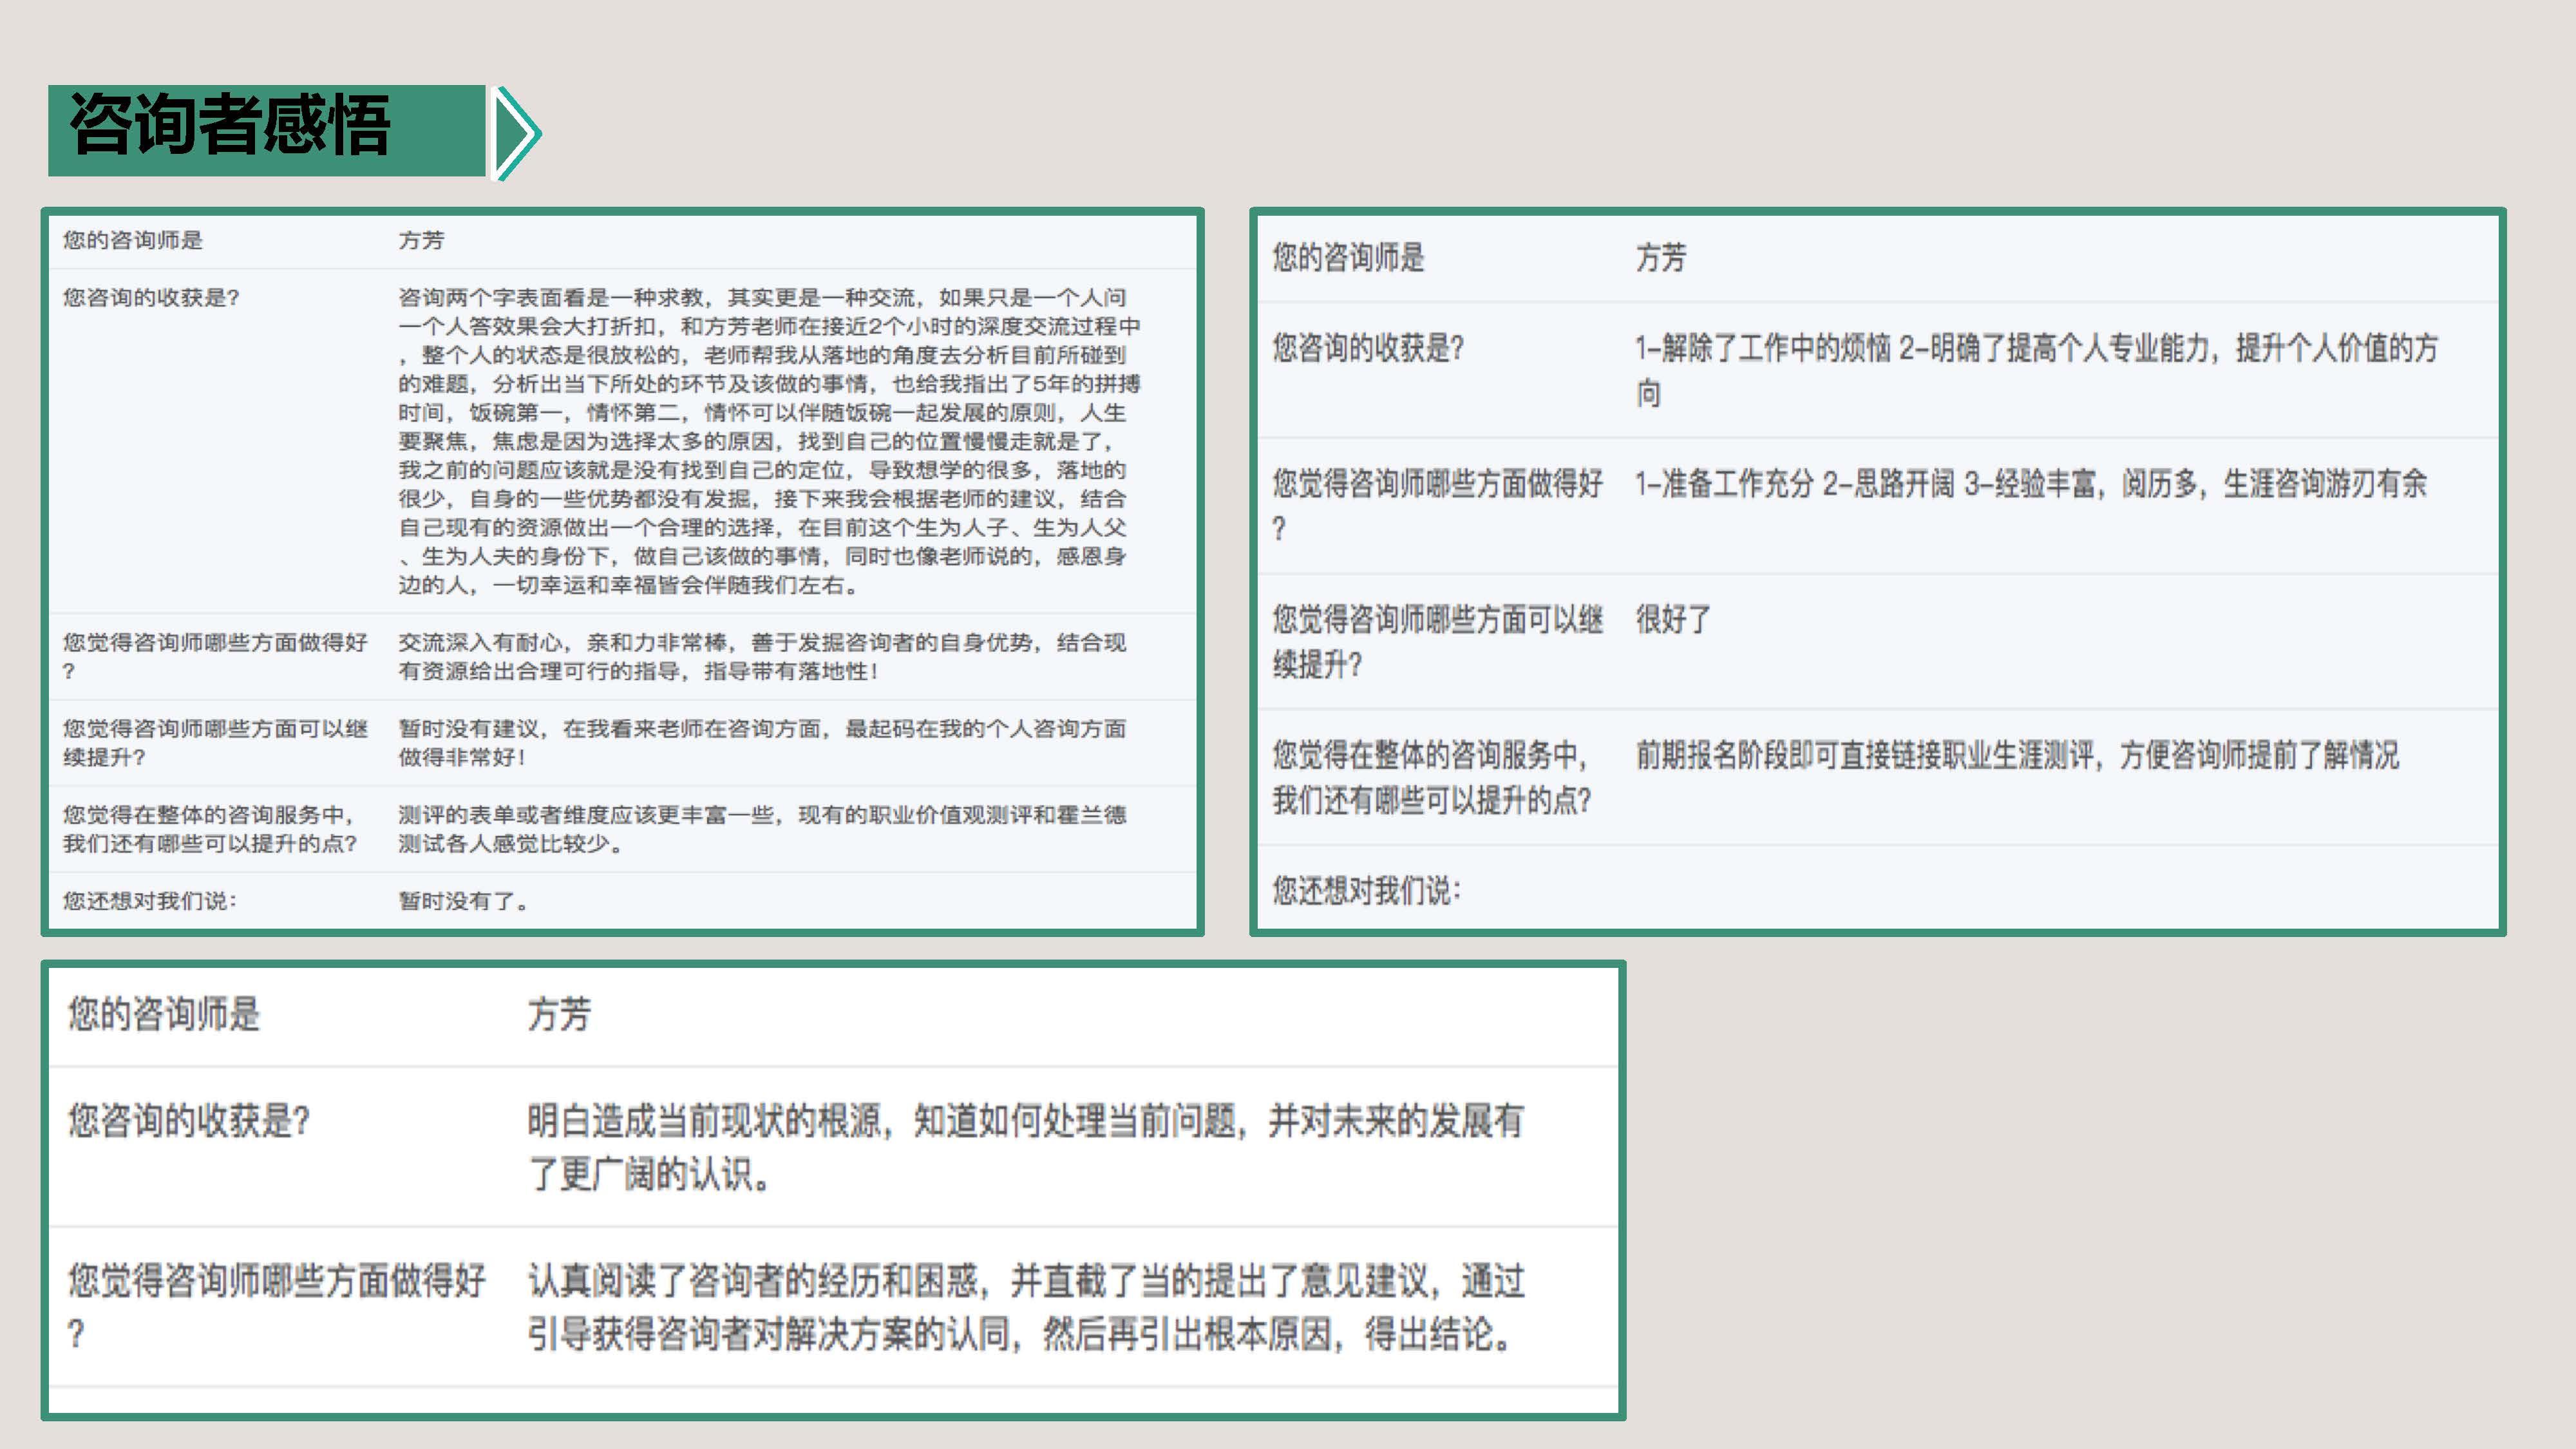 方老师简介通用版的副本_页面_32